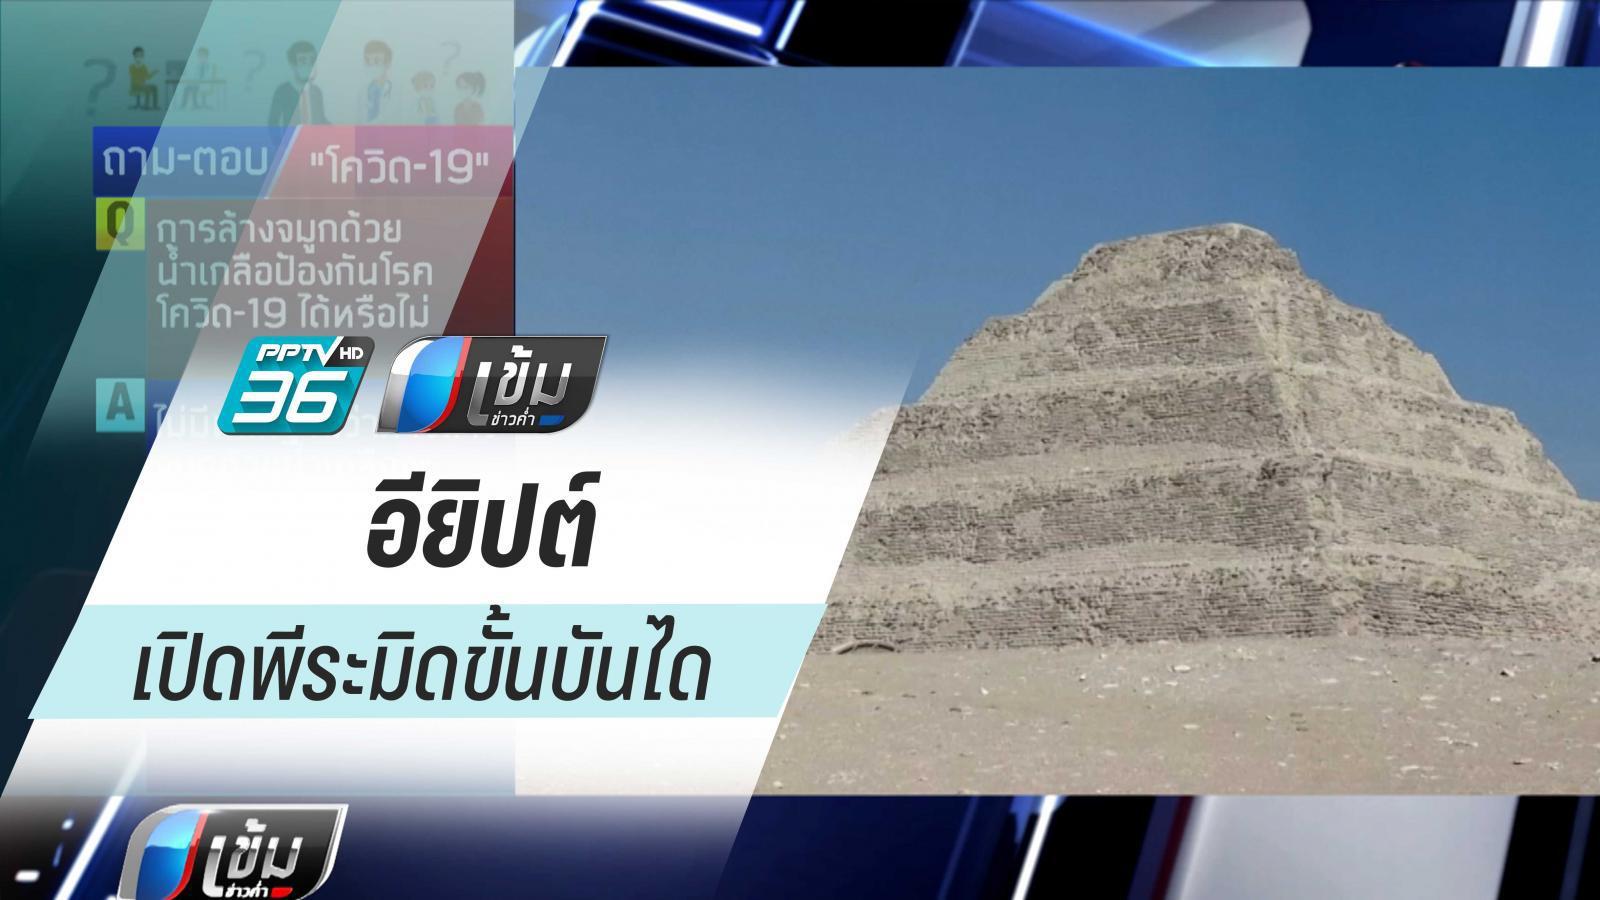 อียิปต์เปิดพีระมิดขั้นบันไดให้เข้าชมอีกครั้งหลังปิดบูรณะนาน 14 ปี